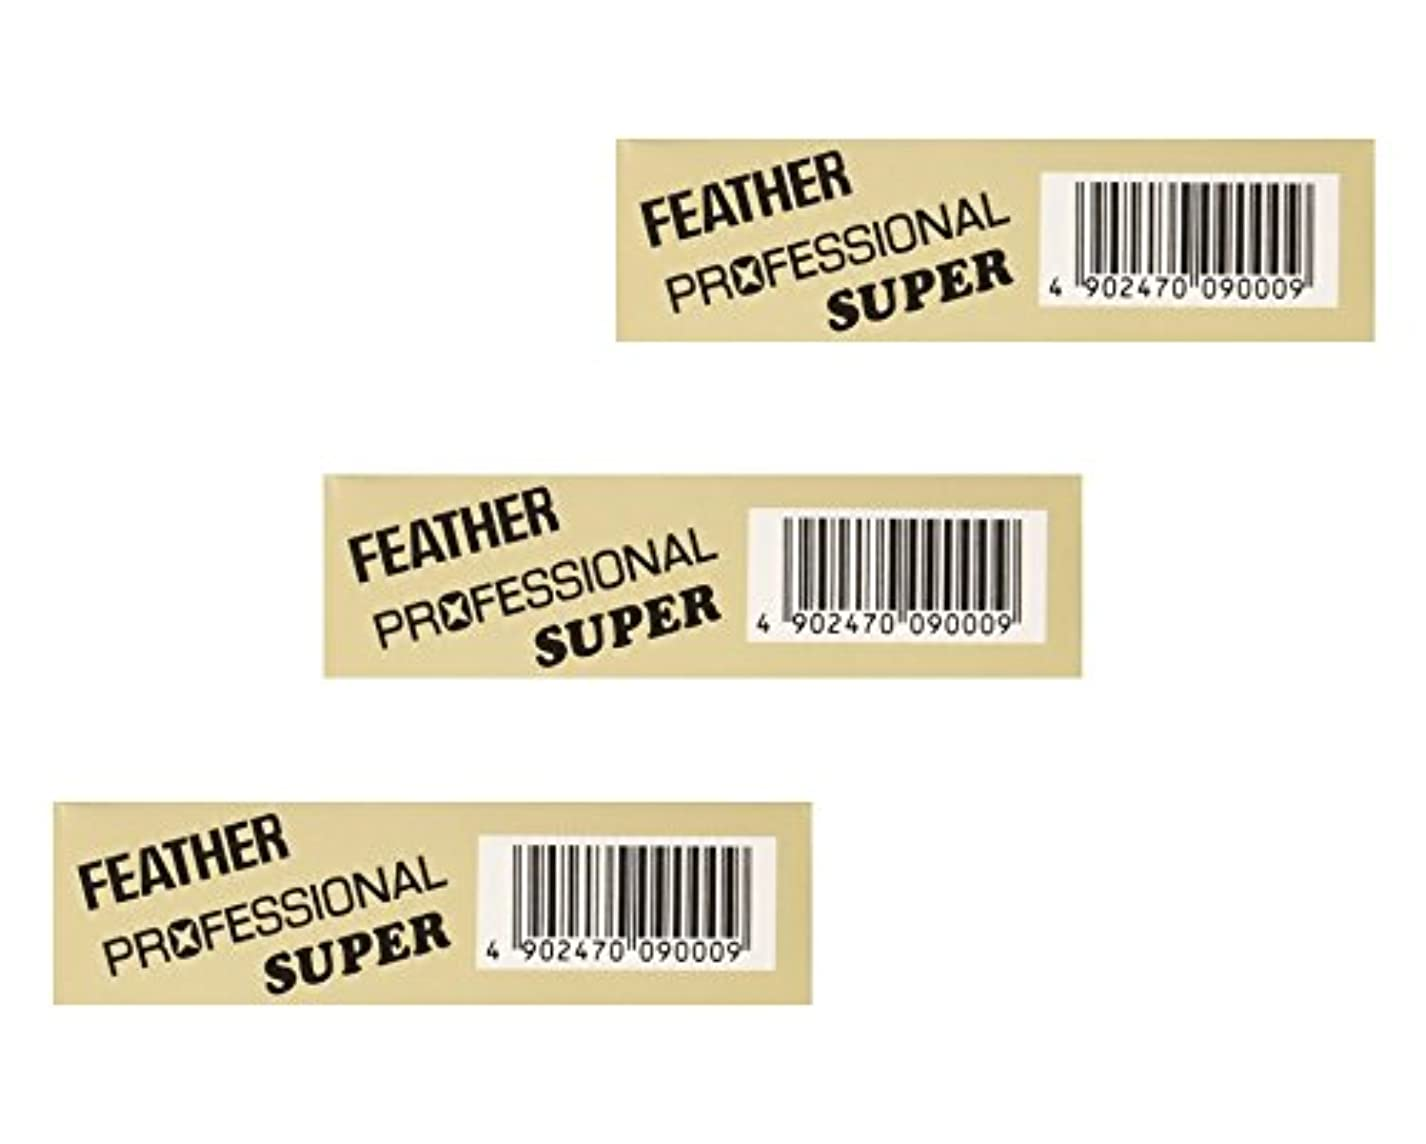 上下するヒゲ引き渡す【3個セット】フェザー プロフェッショナル スーパーブレード 20枚入 PS-20